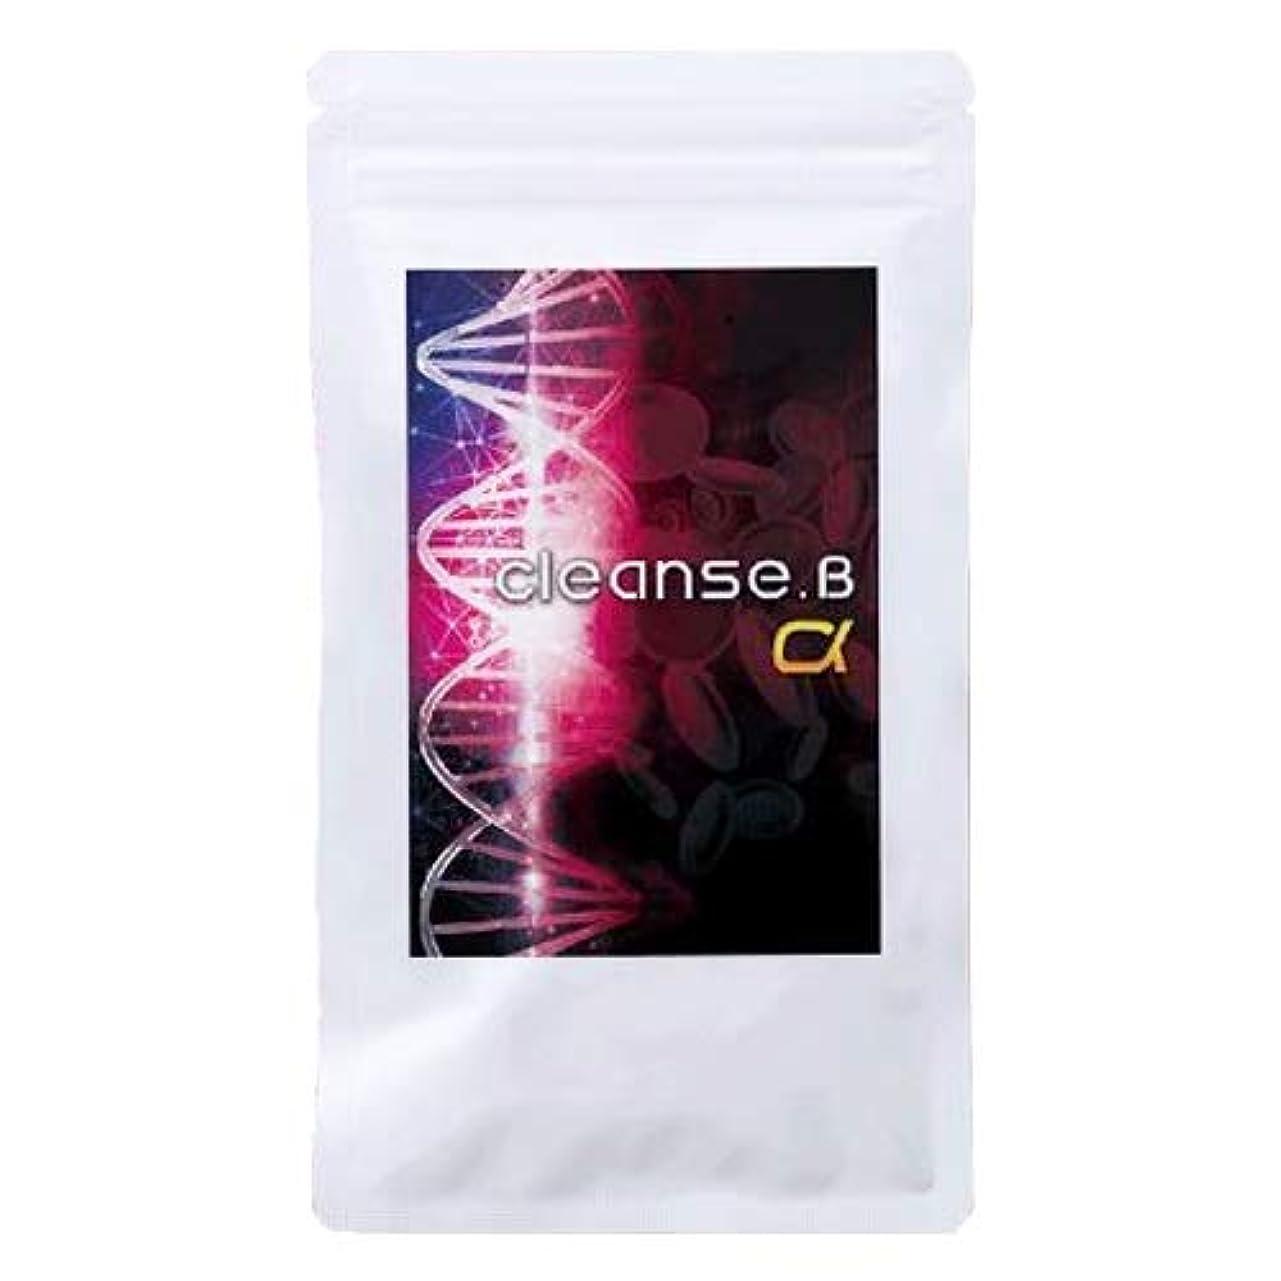 排出ピラミッド脱走Cleanse.B α(クレンズビーアルファ) (1) / サプリメント ビタミンC アルギニン 栄養補助食品